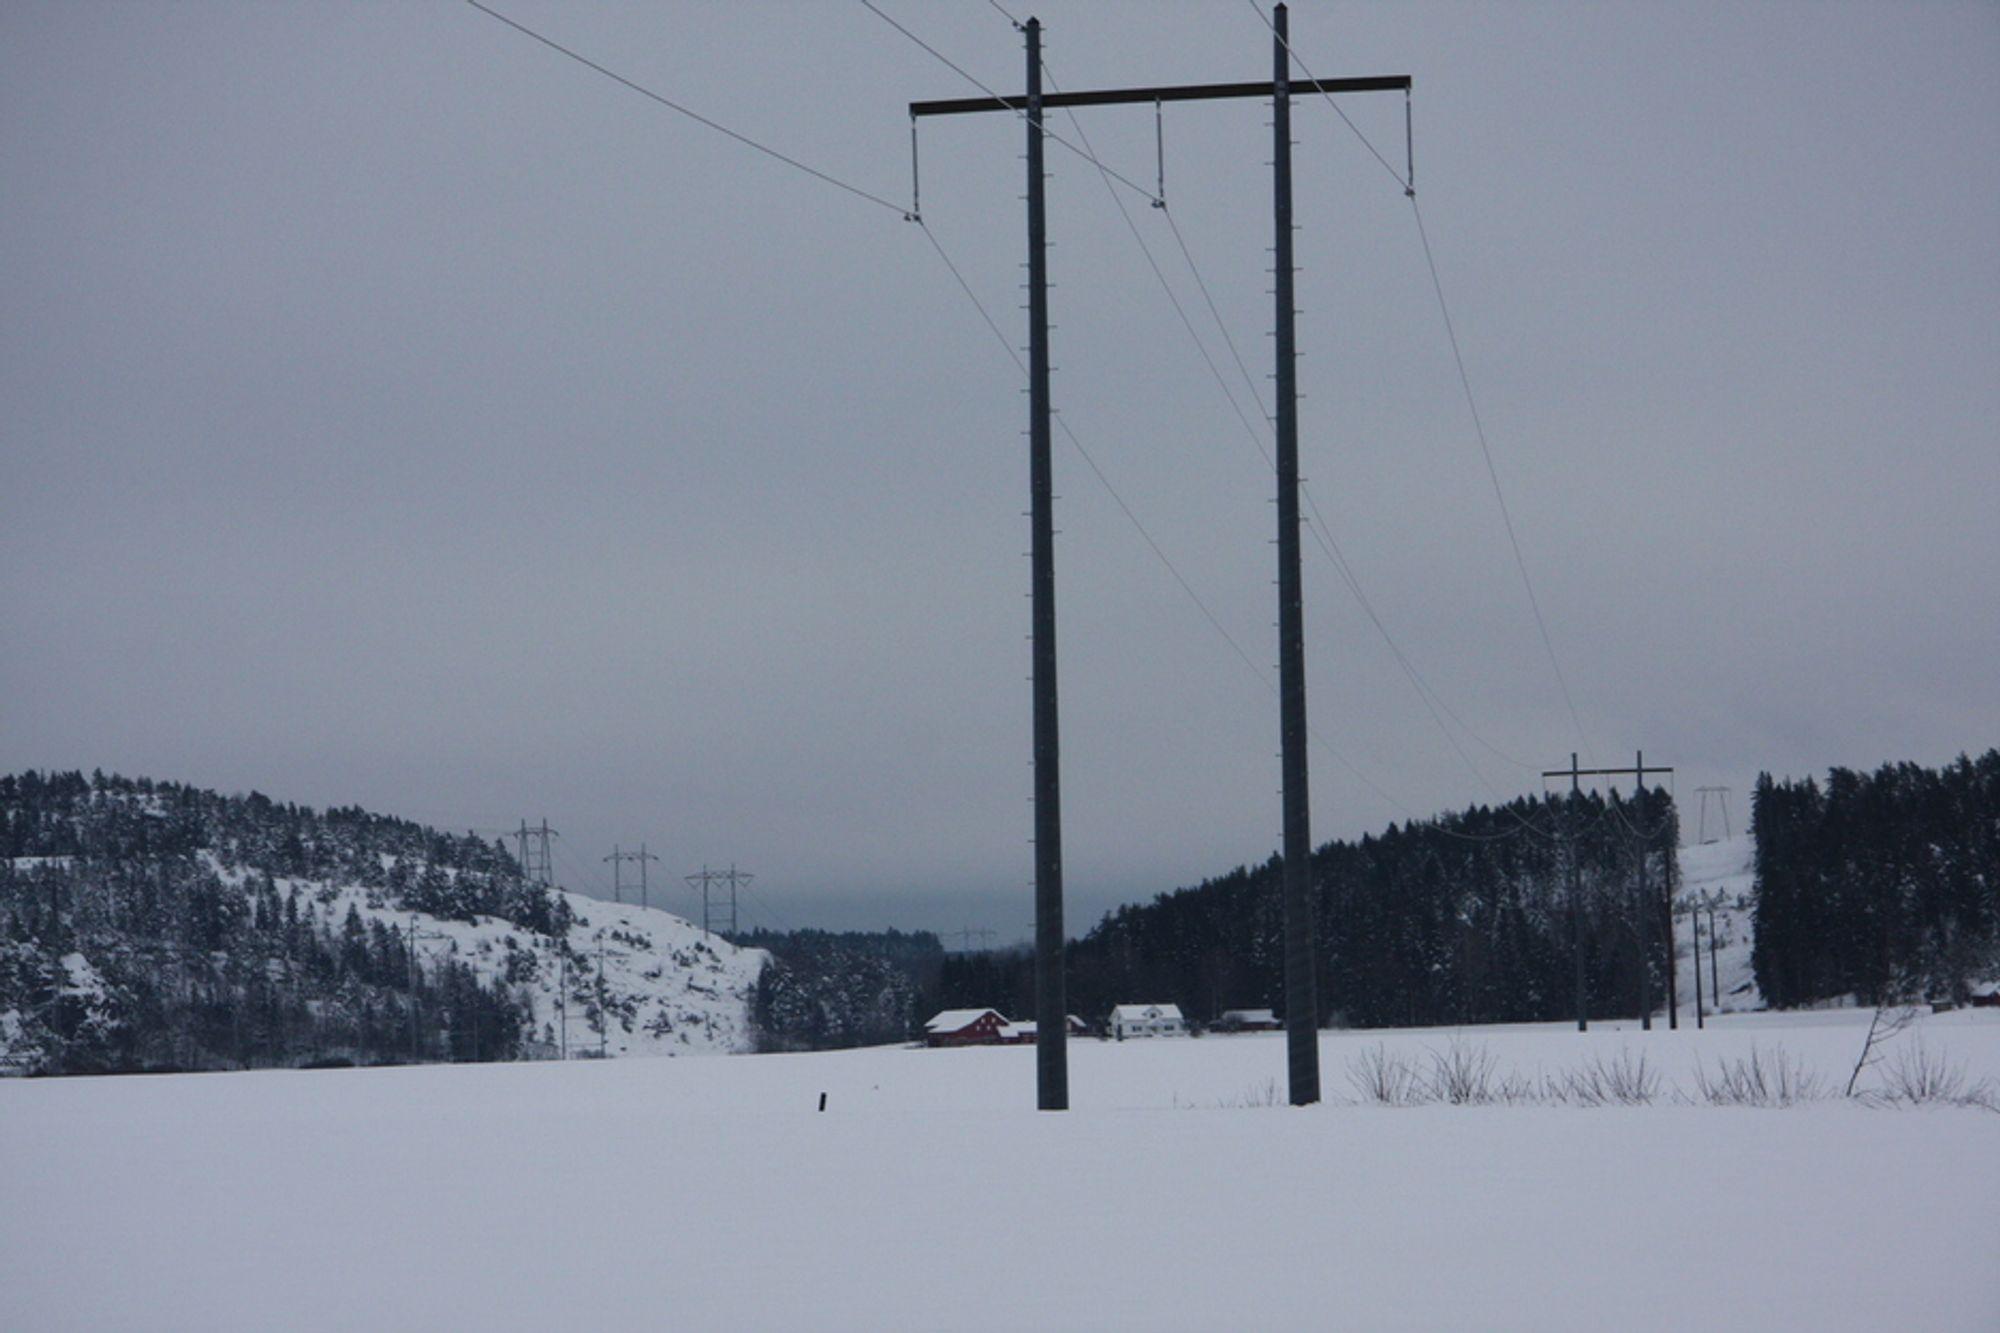 FORTSATT LOVLIG: EU vil ikke forby kreosotimpregnerte trestolper, men forslaget vil nok dukke opp igjen. Energi Norge anbefaler nå energiselskapene til å prøve nye stolper. Dette er en komposittmast.